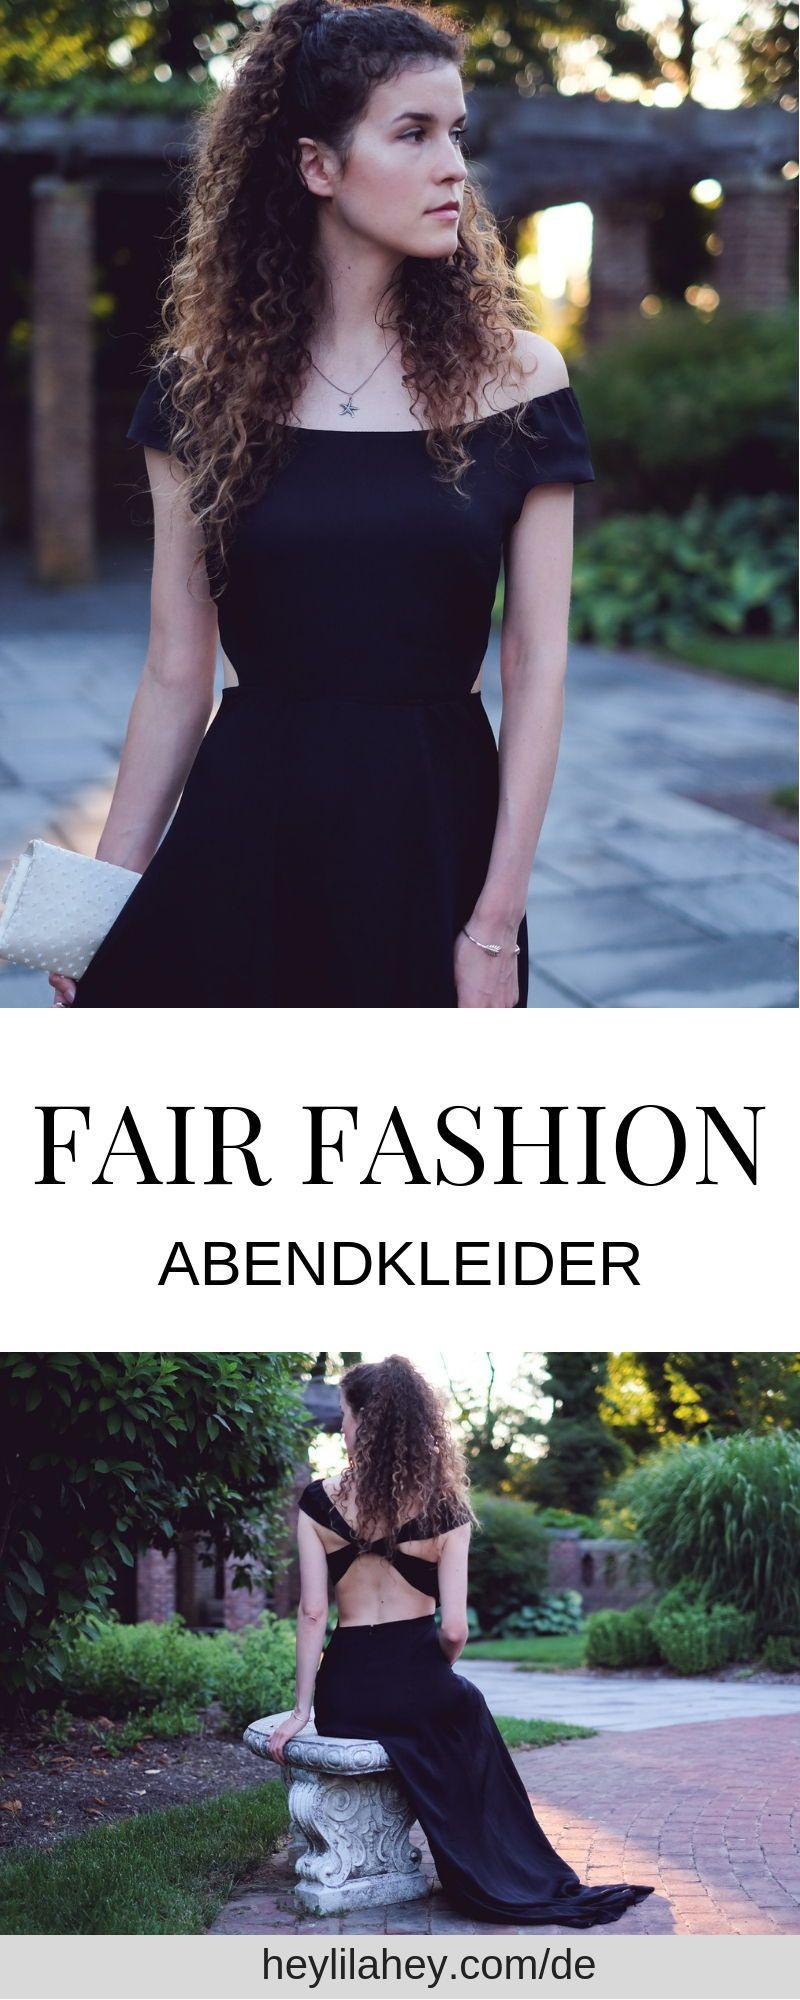 13 Schön Abendkleid Fairtrade DesignAbend Schön Abendkleid Fairtrade Boutique